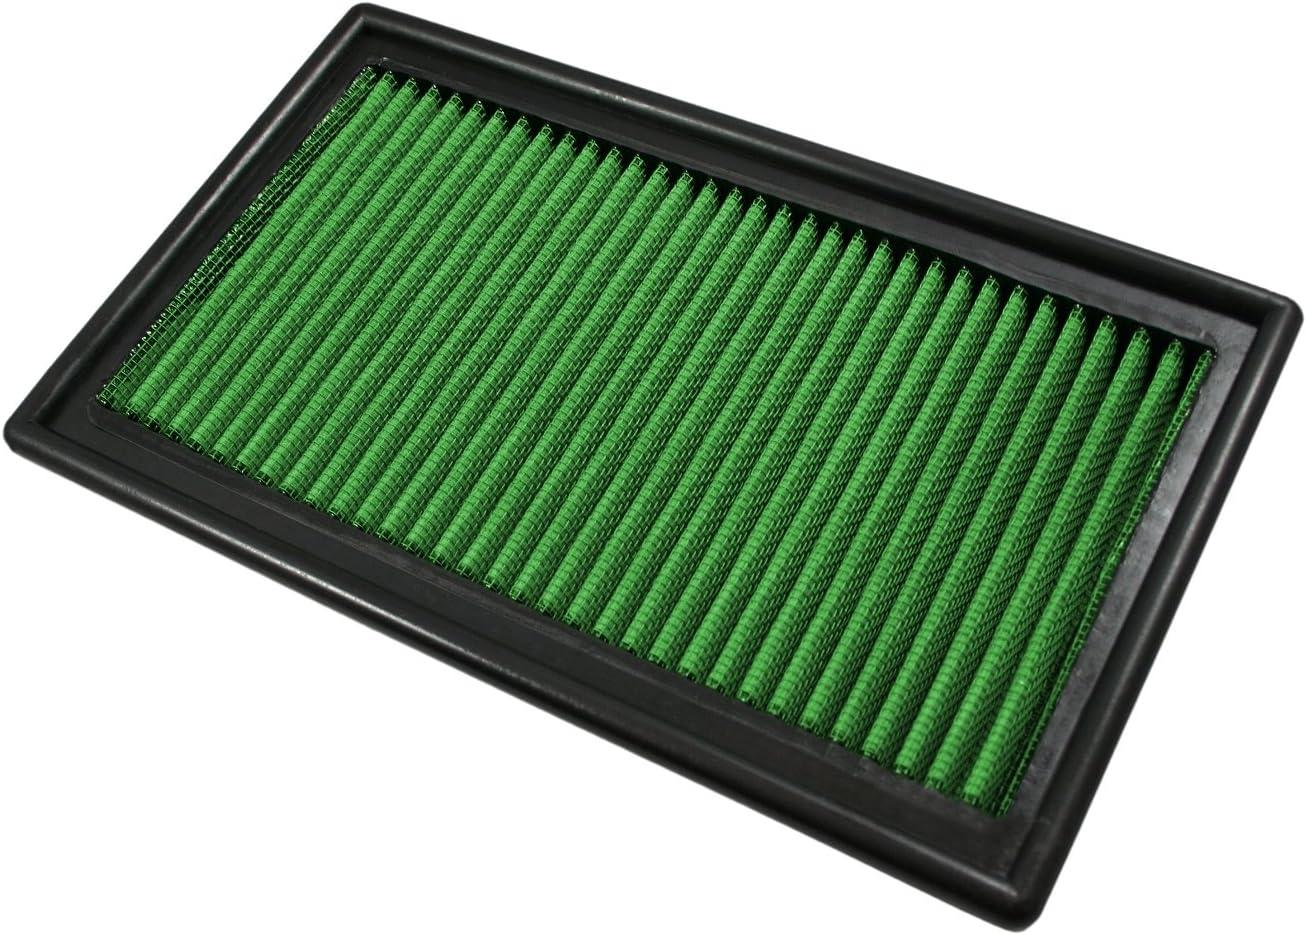 Green Filter 2019 Green High Performance Air Filter